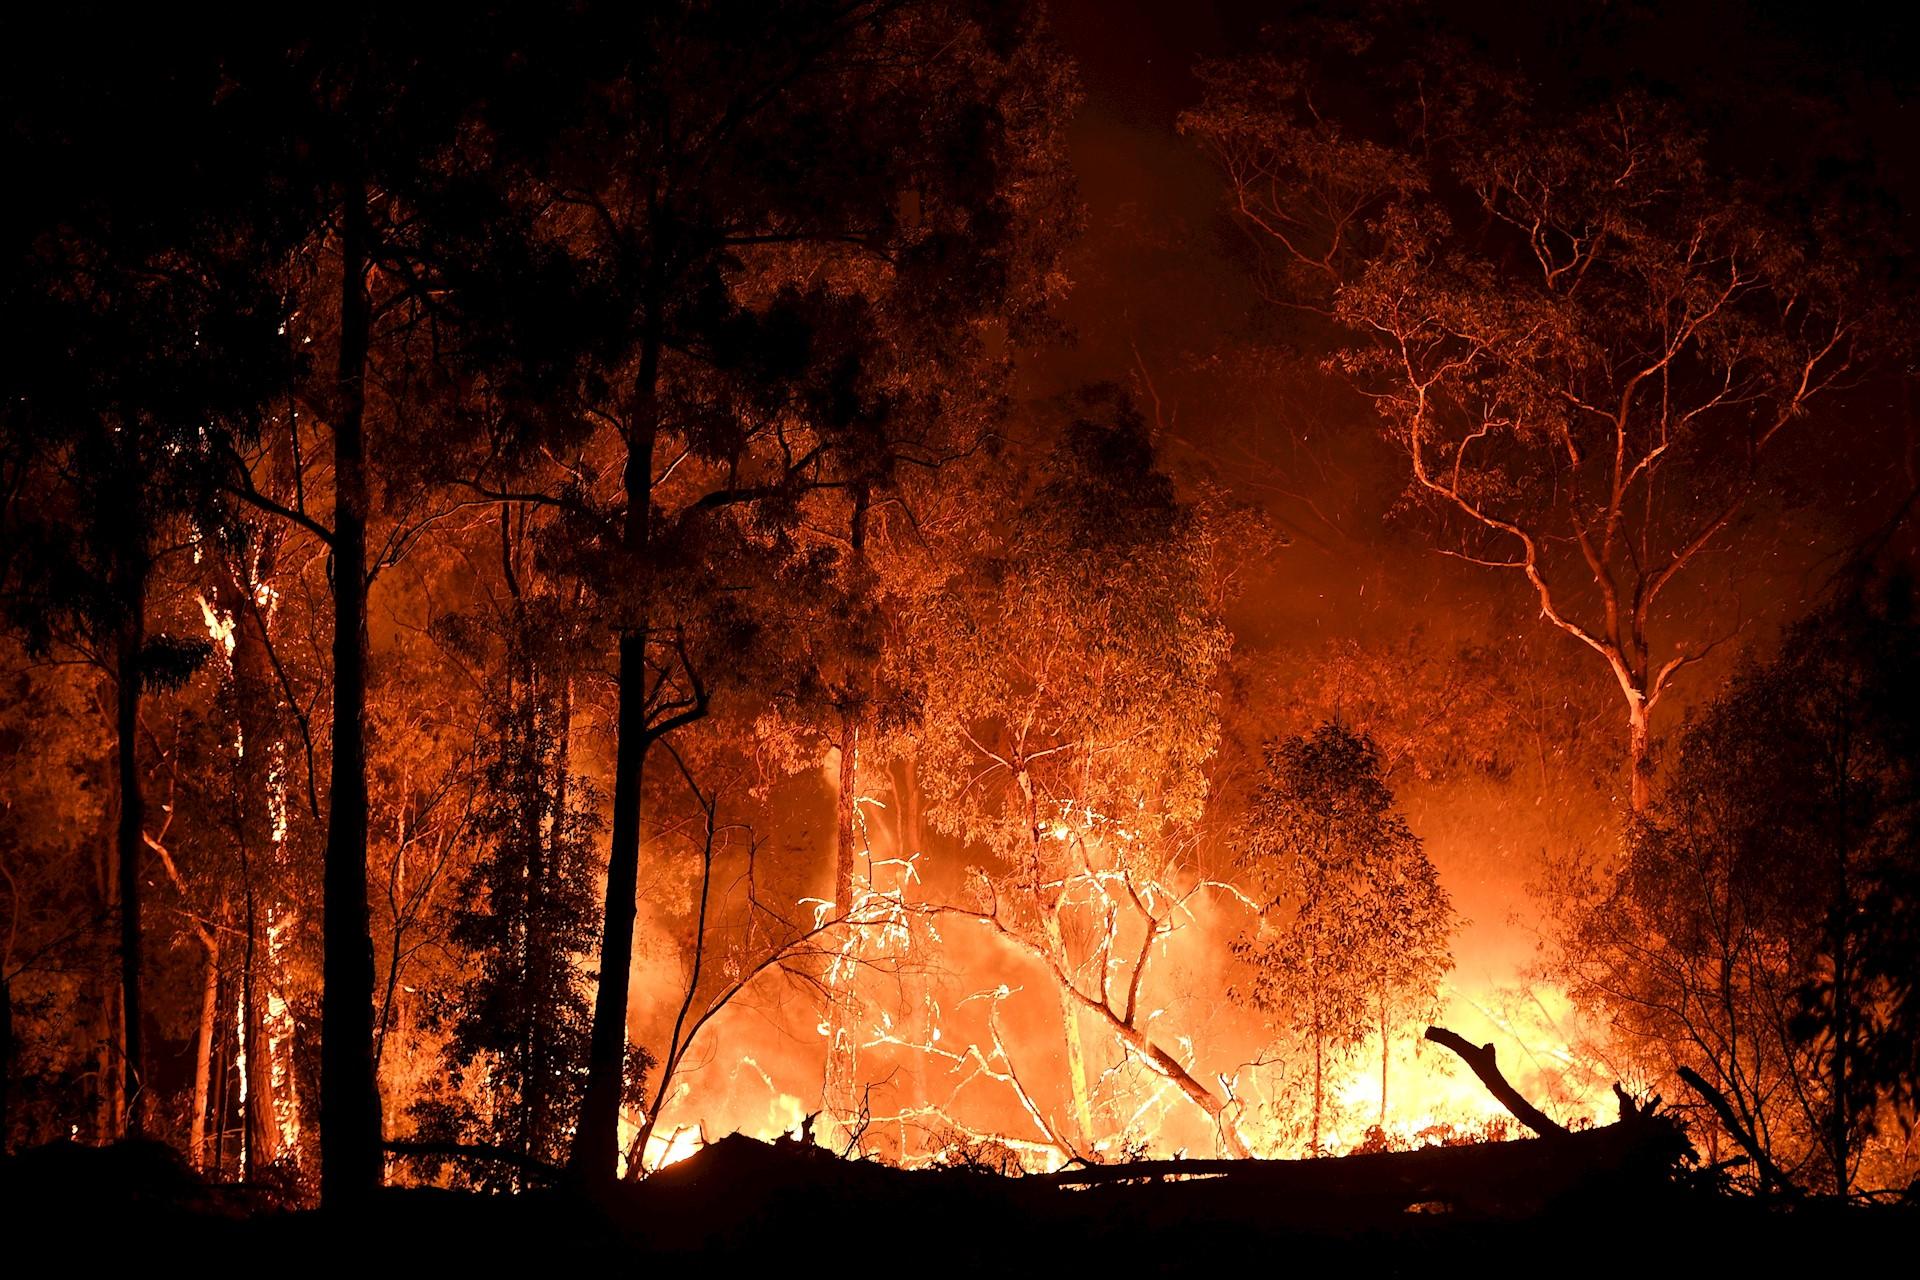 El incendio de Gospers Mountain se acerca a una propiedad en Colo Heights, Nueva Gales del Sur (NSW), Australia. Según los informes de los medios, el Servicio de Bomberos Rurales de Nueva Gales del Sur (RSF, por sus siglas en inglés) emitió una advertencia de emergencia por el incendio de la montaña Gospers, ya que las altas temperaturas cálidas y los fuertes vientos avivan los incendios forestales en todo el estado. (Incendio) EFE / EPA / DAN HIMBRECHTS AUSTRALIA Y NUEVA ZELANDA FUERA